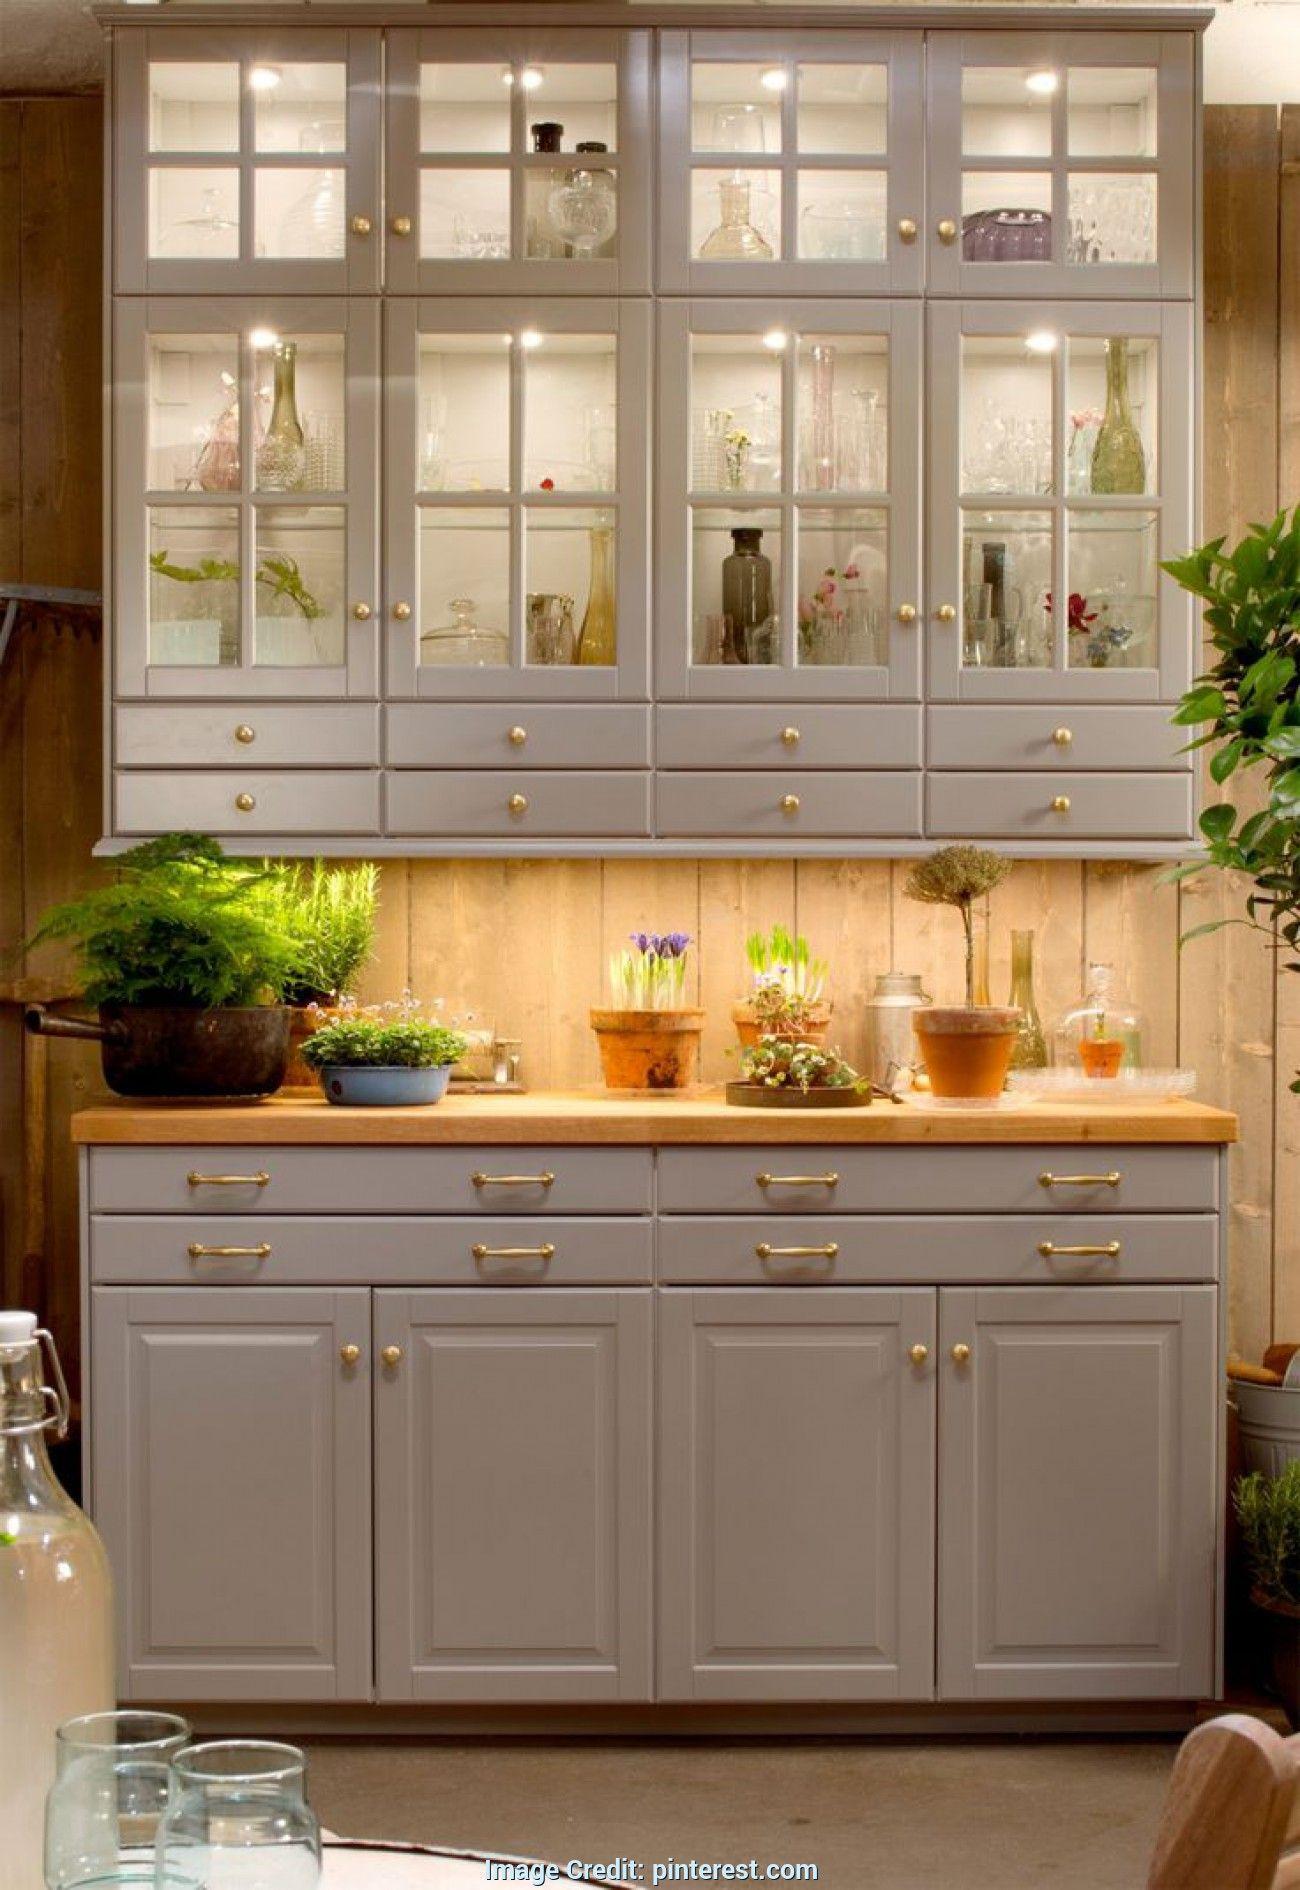 Pin Di Sonia More Su Home Nel 2020 Idee Cucina Ikea Arredo